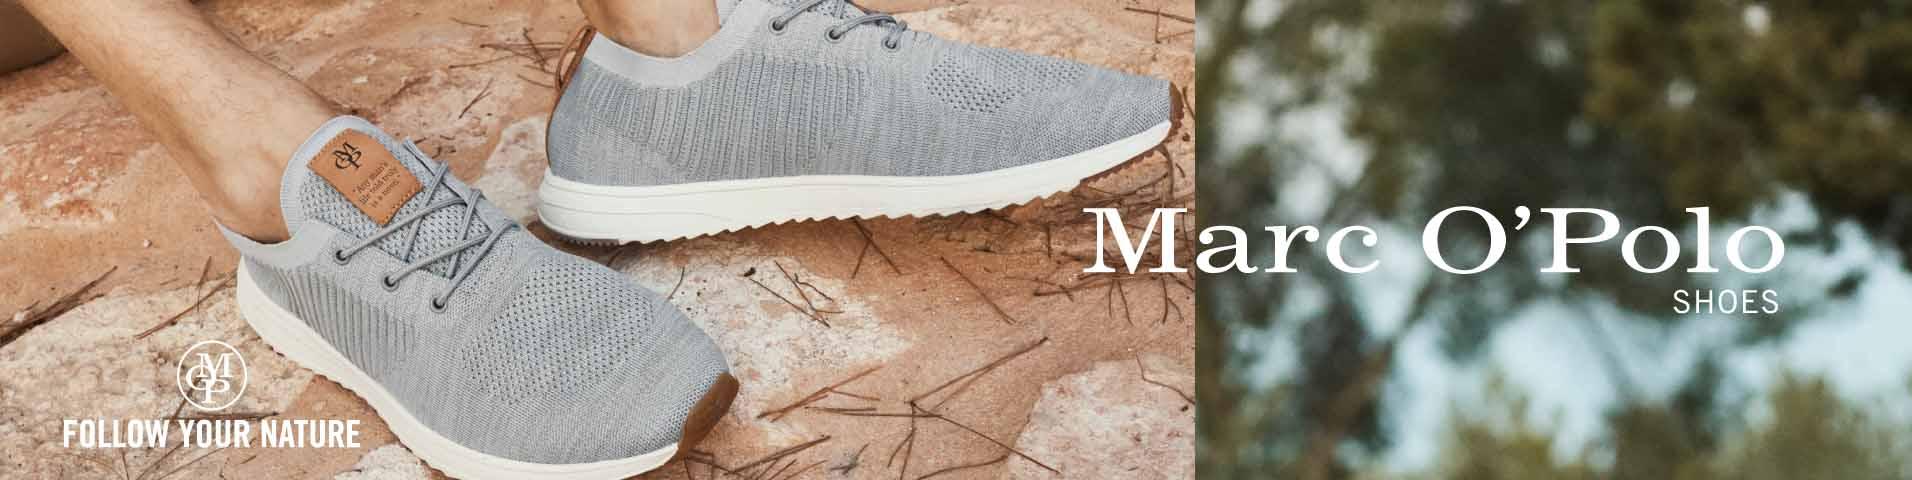 0f022a0af082 Chaussures homme Marc O Polo gris   Large choix en ligne sur Zalando